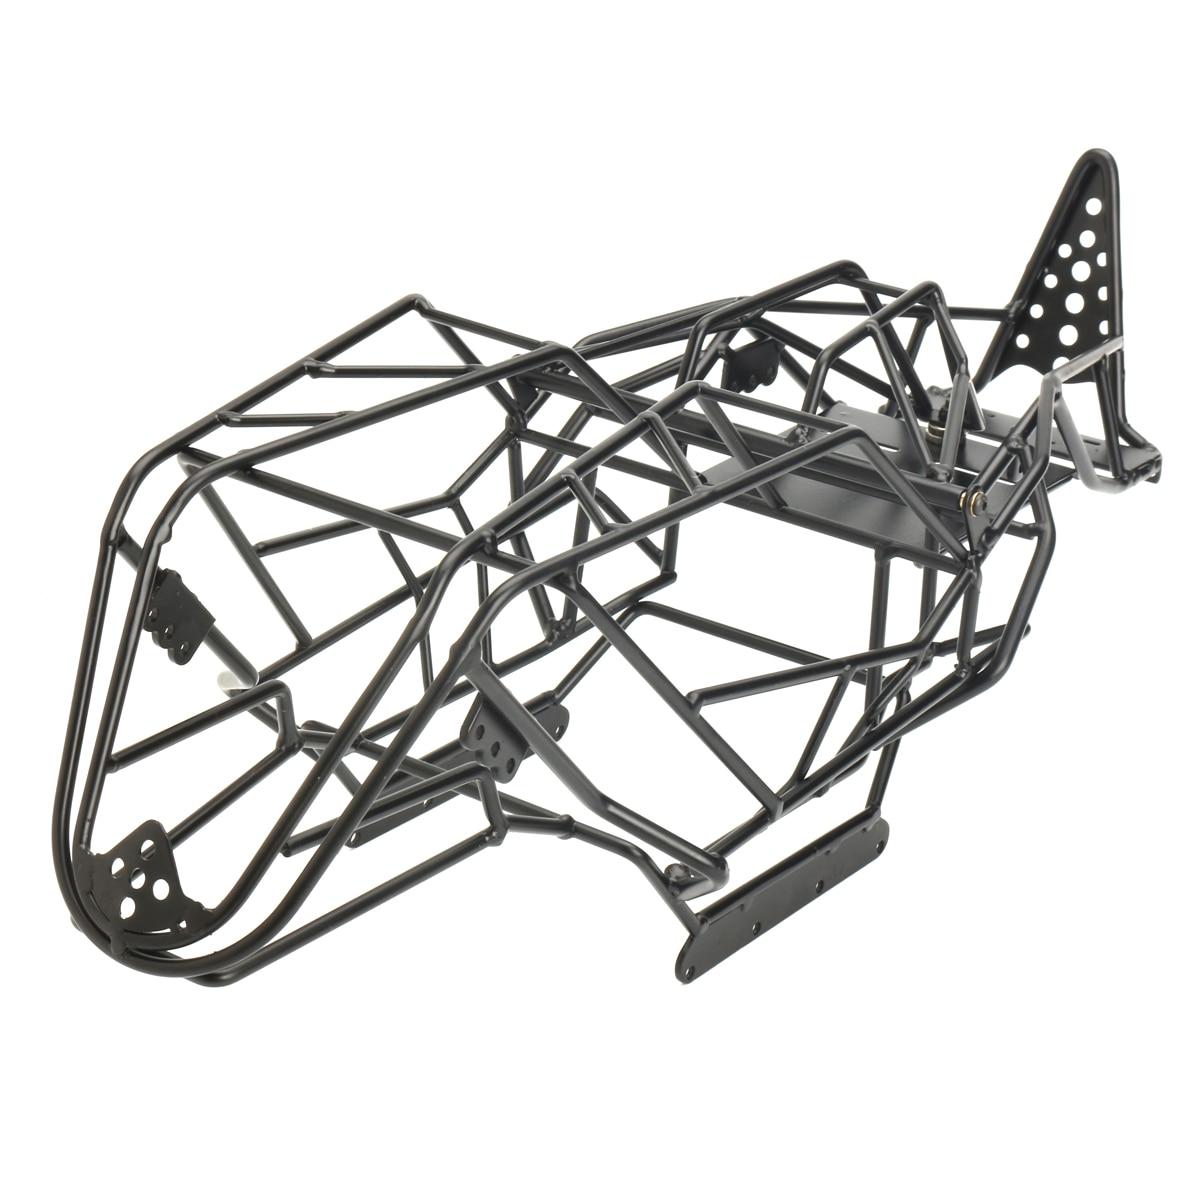 Châssis de châssis en acier noir pour châssis Axial avec RCX10 1/10 RC pièces de camion d'escalade de chenille de voiture de roche